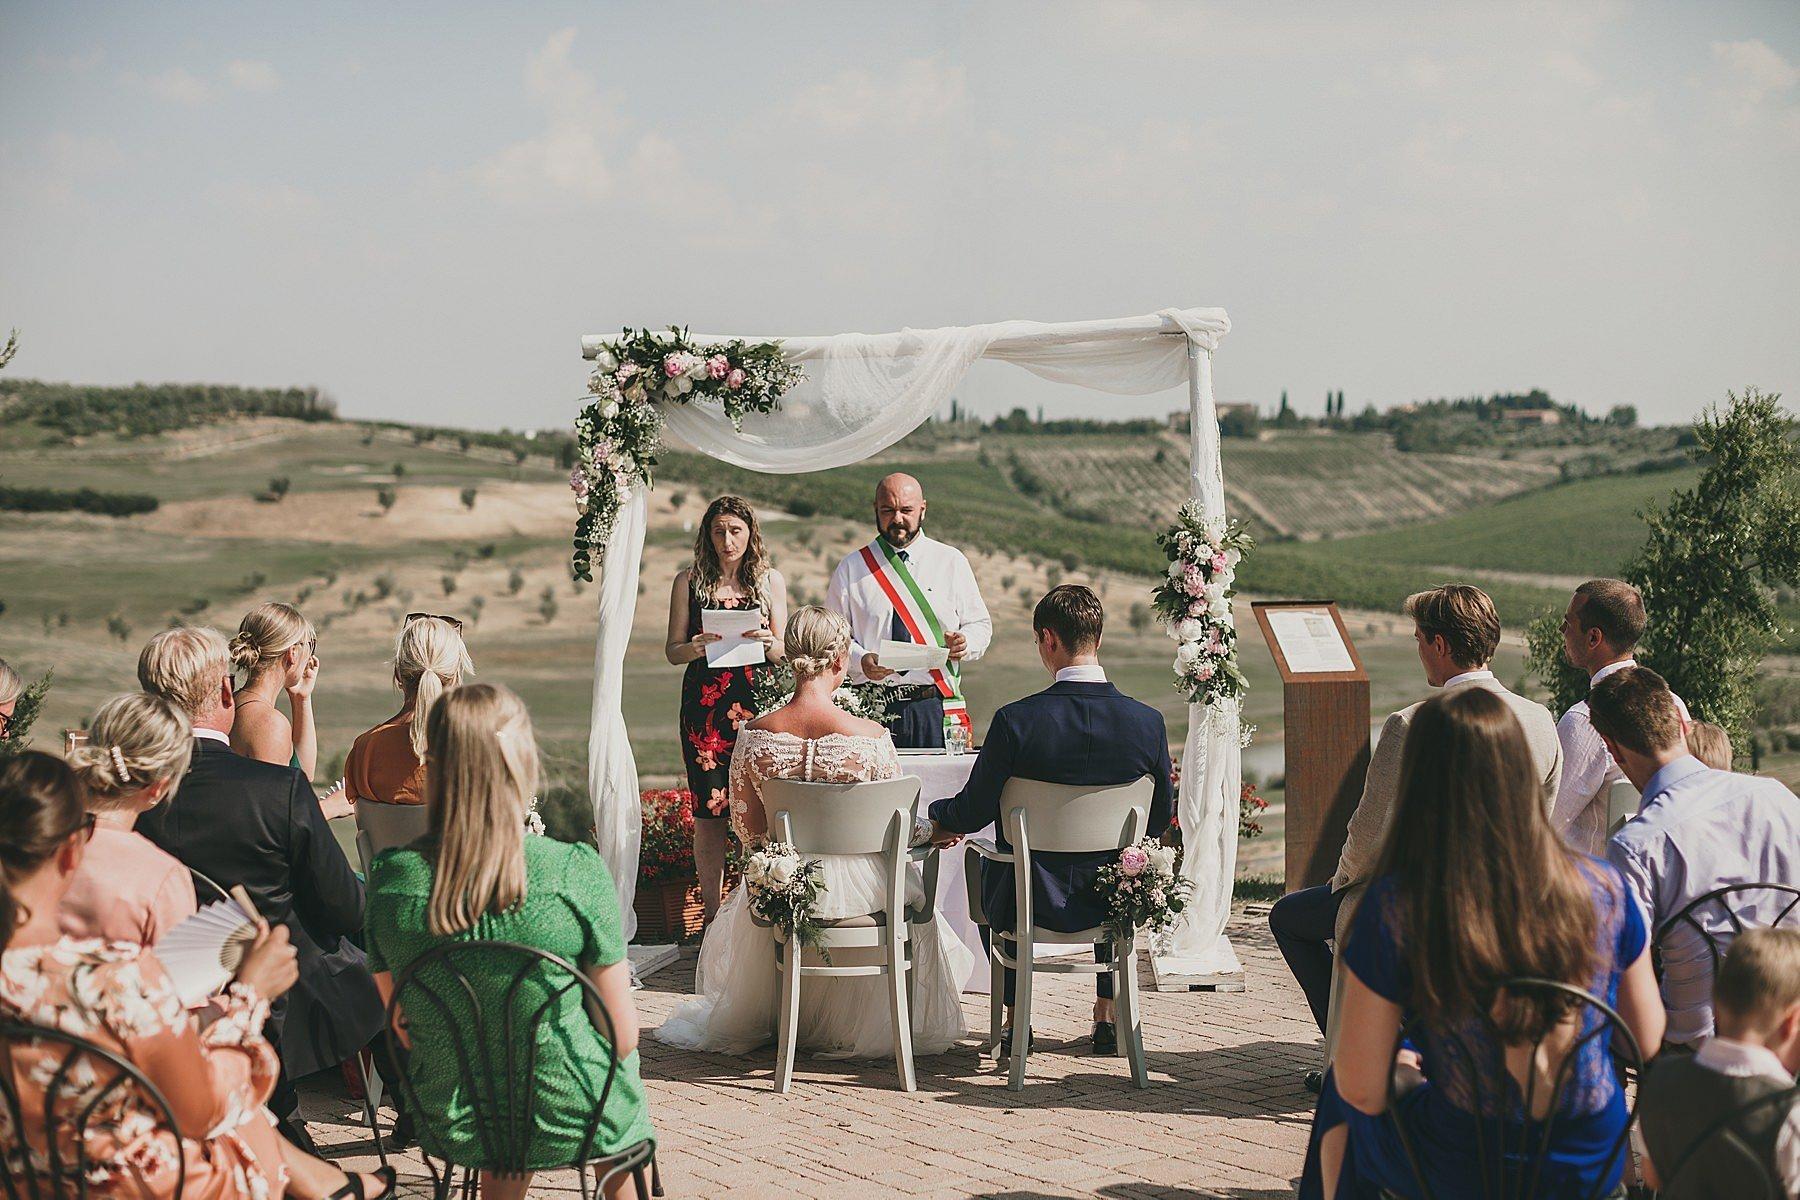 cerimonia di matrimonio all aperto a bellosguardo vinci 070